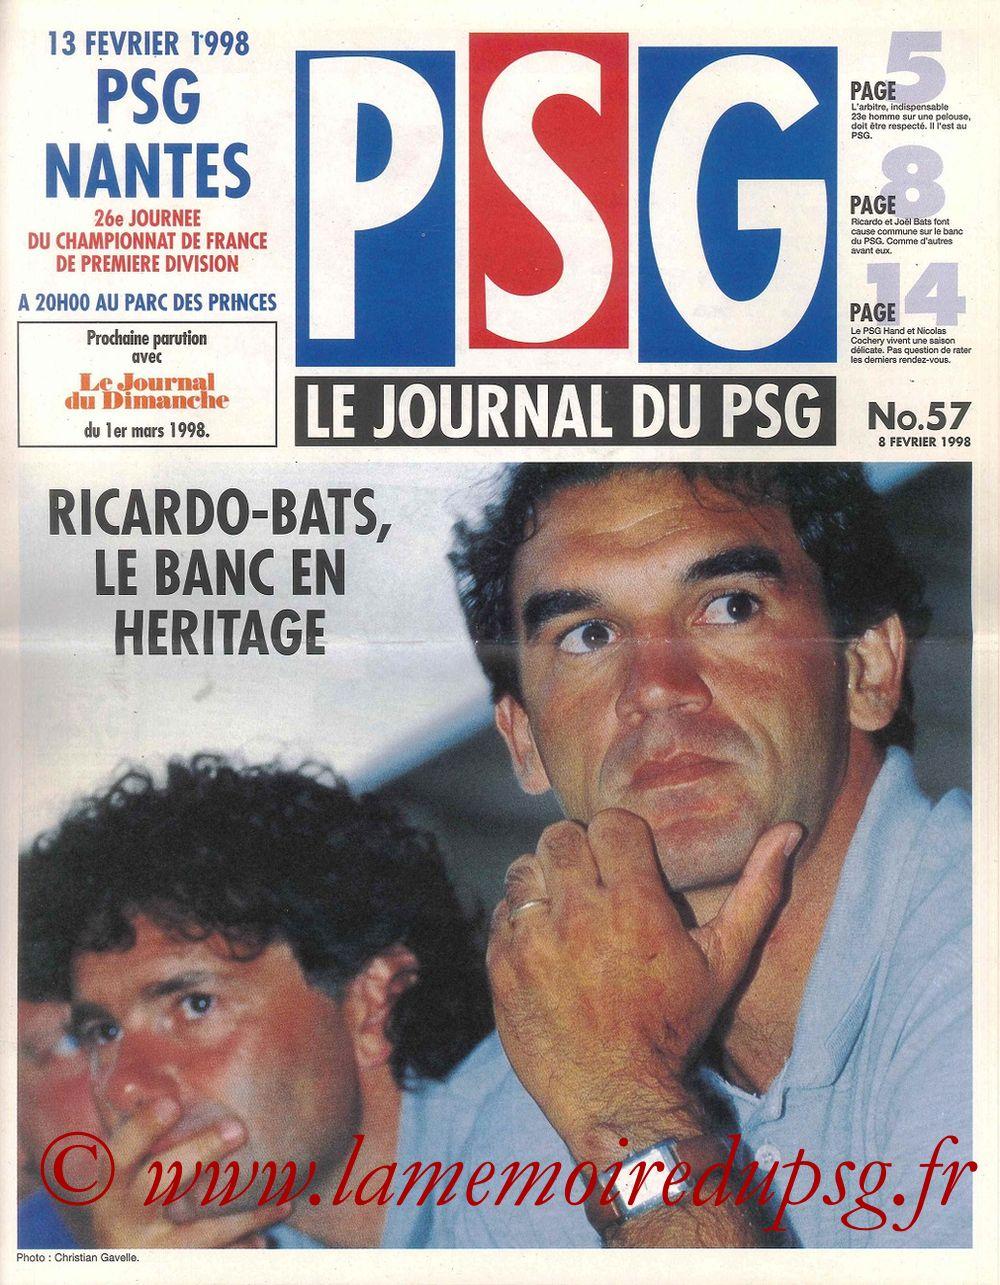 1998-02-13  PSG-Nantes (26ème D1, Le Journal du PSG N°57)